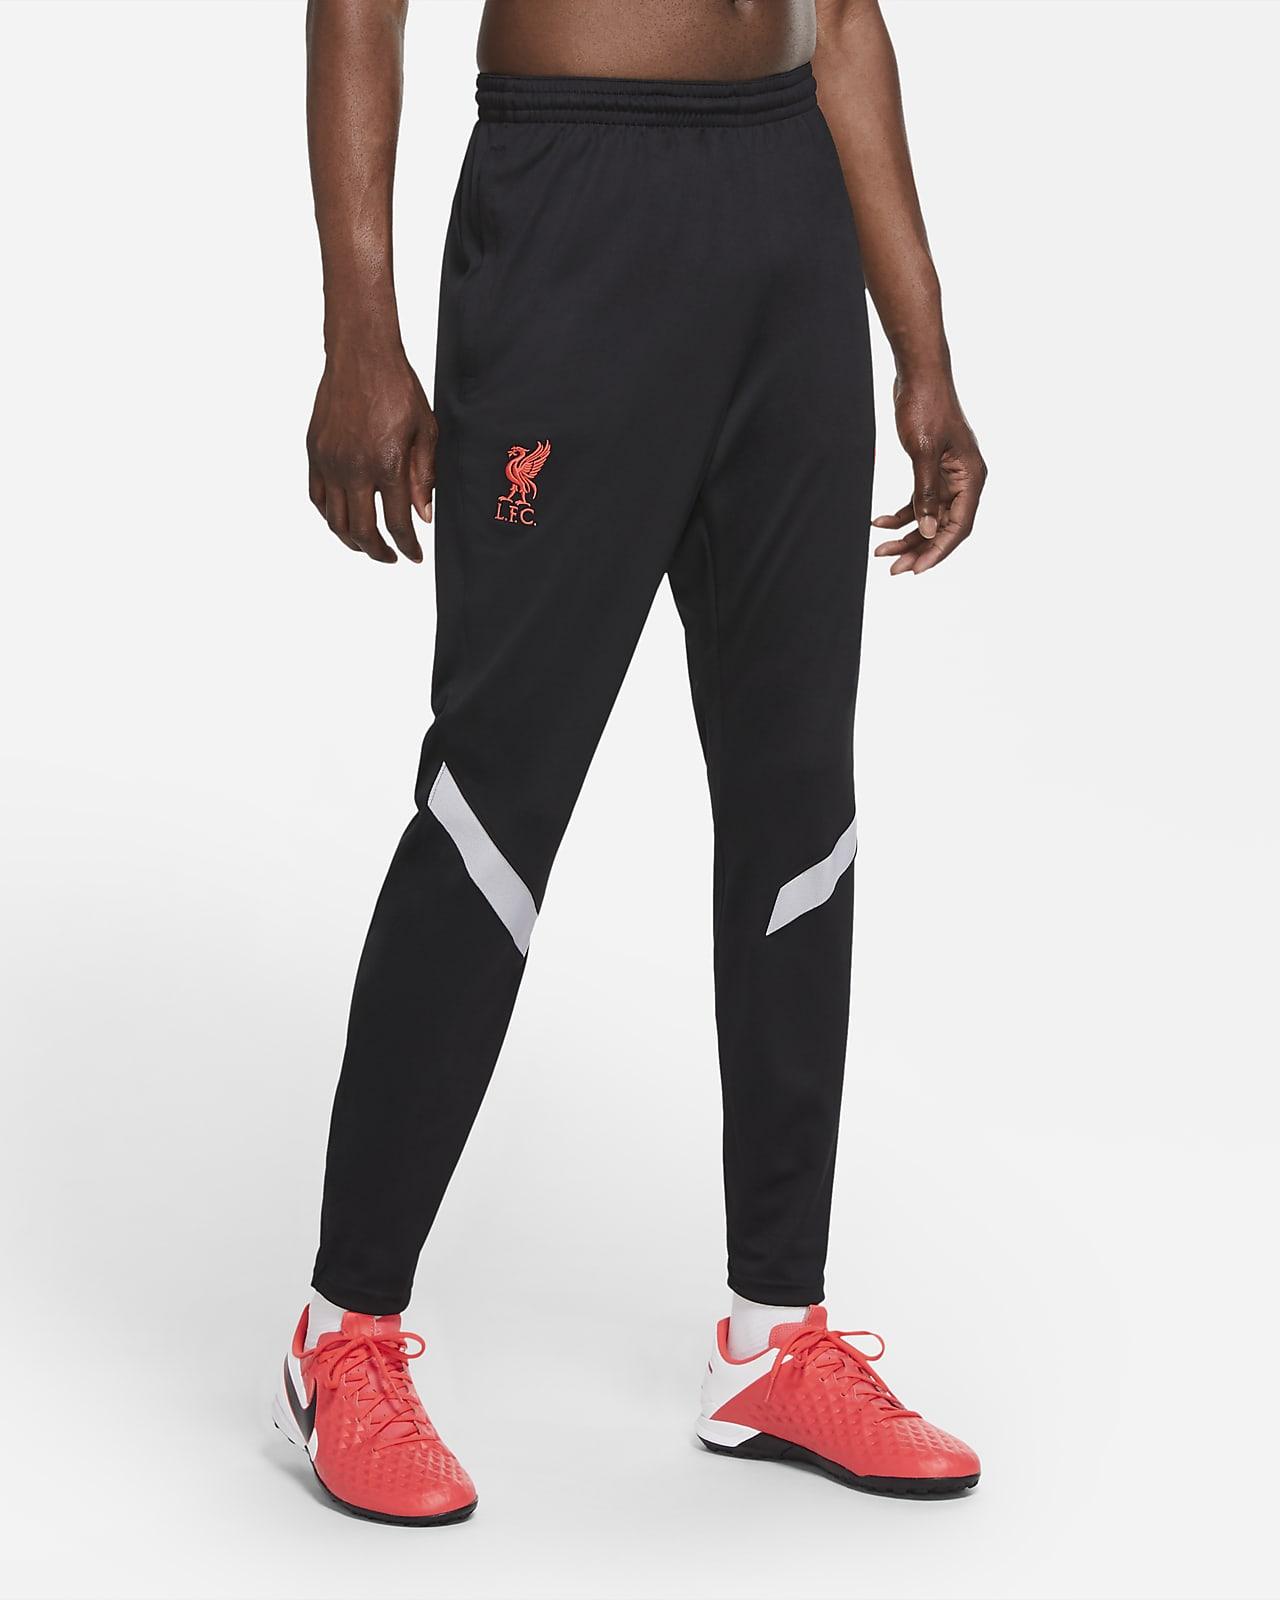 Pantalones de entrenamiento de fútbol para hombre Liverpool FC Strike